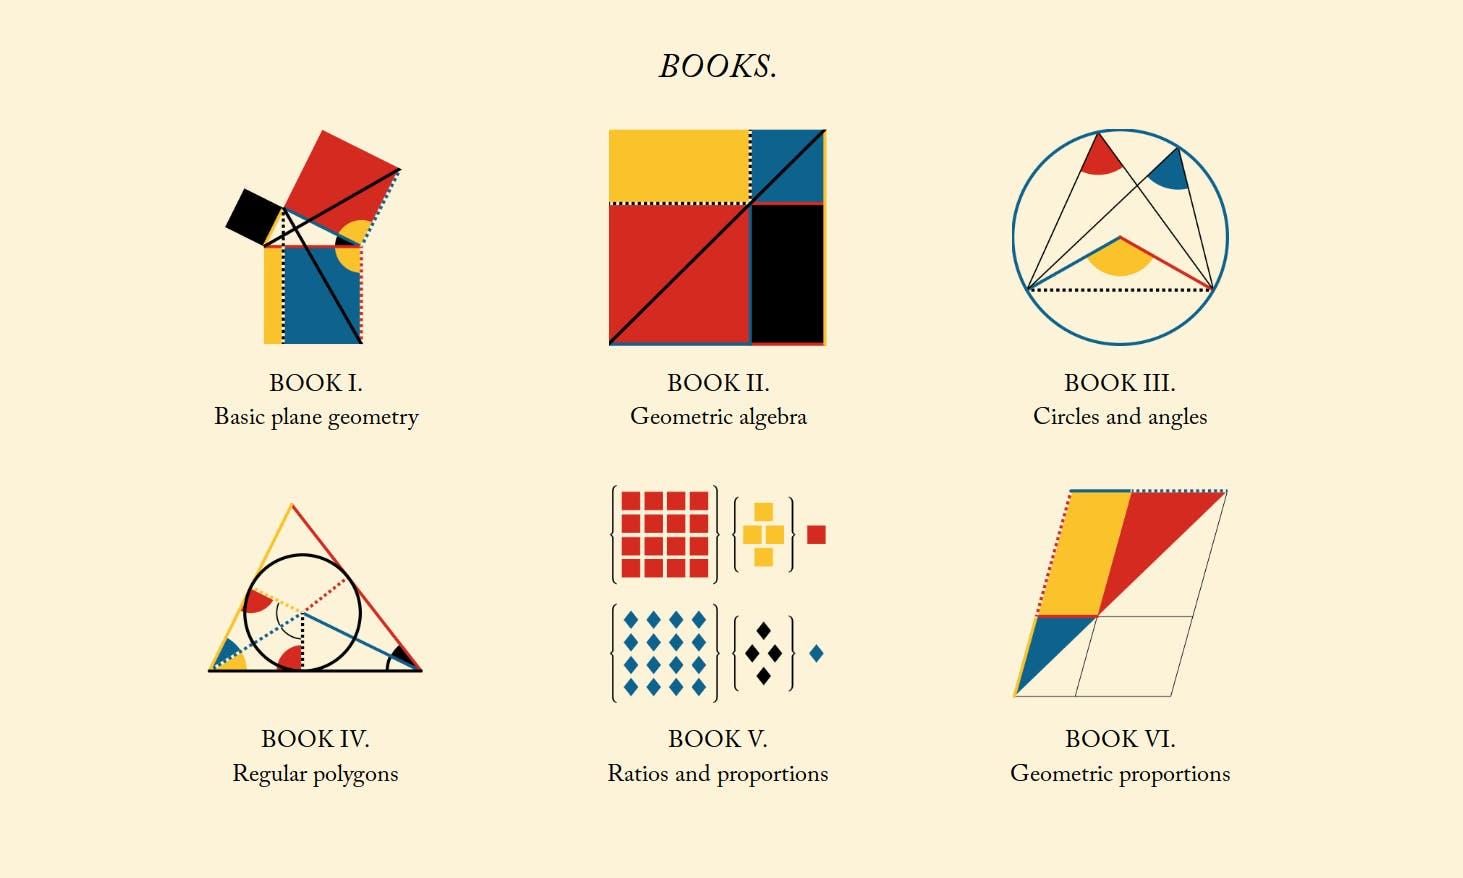 看不懂也很療癒!19世紀最美的數學教科書《幾何原本》數位版釋出